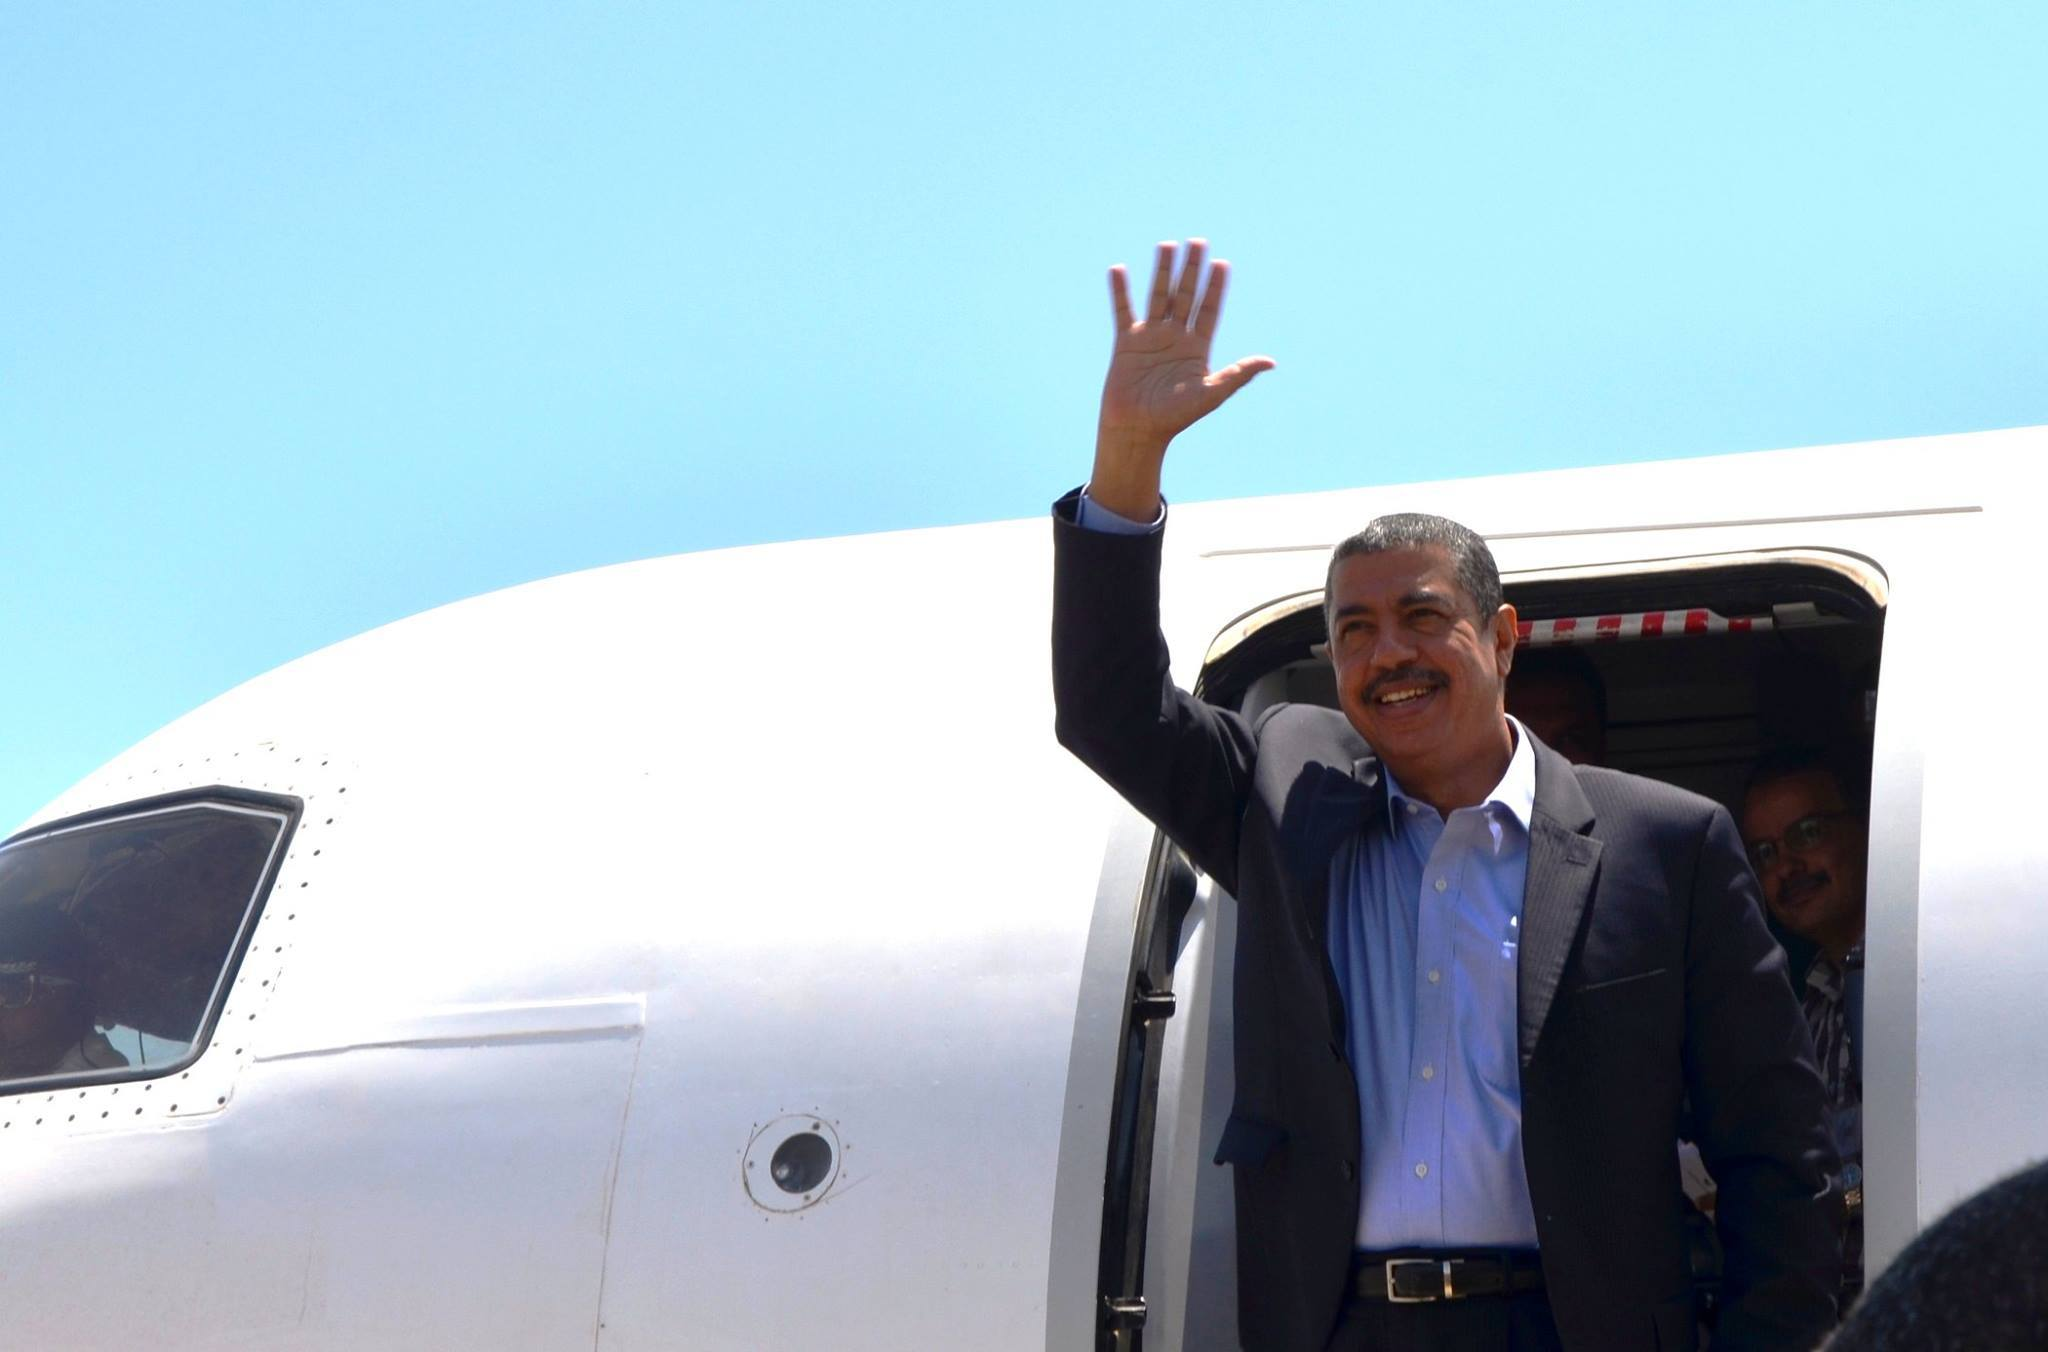 رئيس الحكومة المستقيلة خالد بحاح يصل حضرموت بعد رفع الإقامة الجبرية عنه من قبل الحوثيين